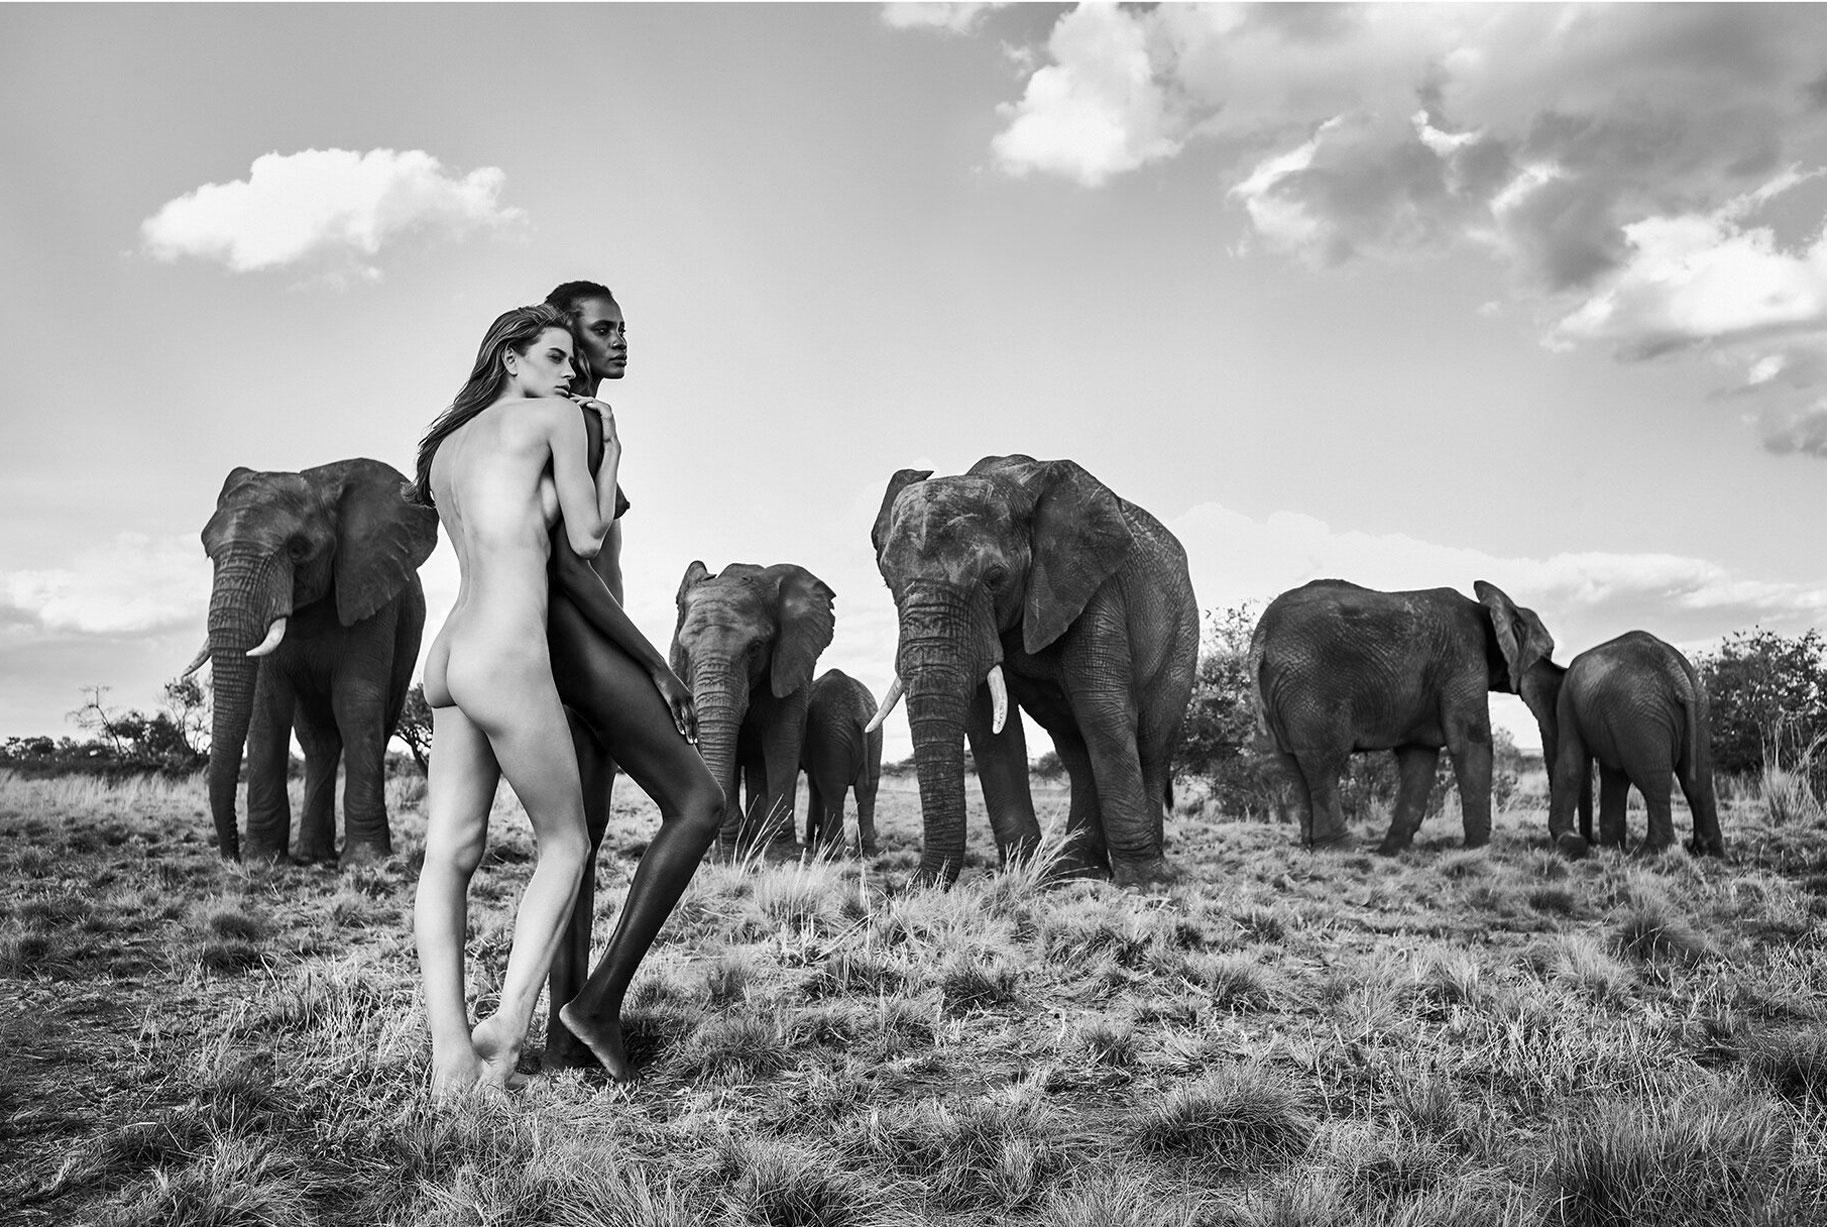 эротический календарь 12 чудес природы / Африка 2019 / фото 12